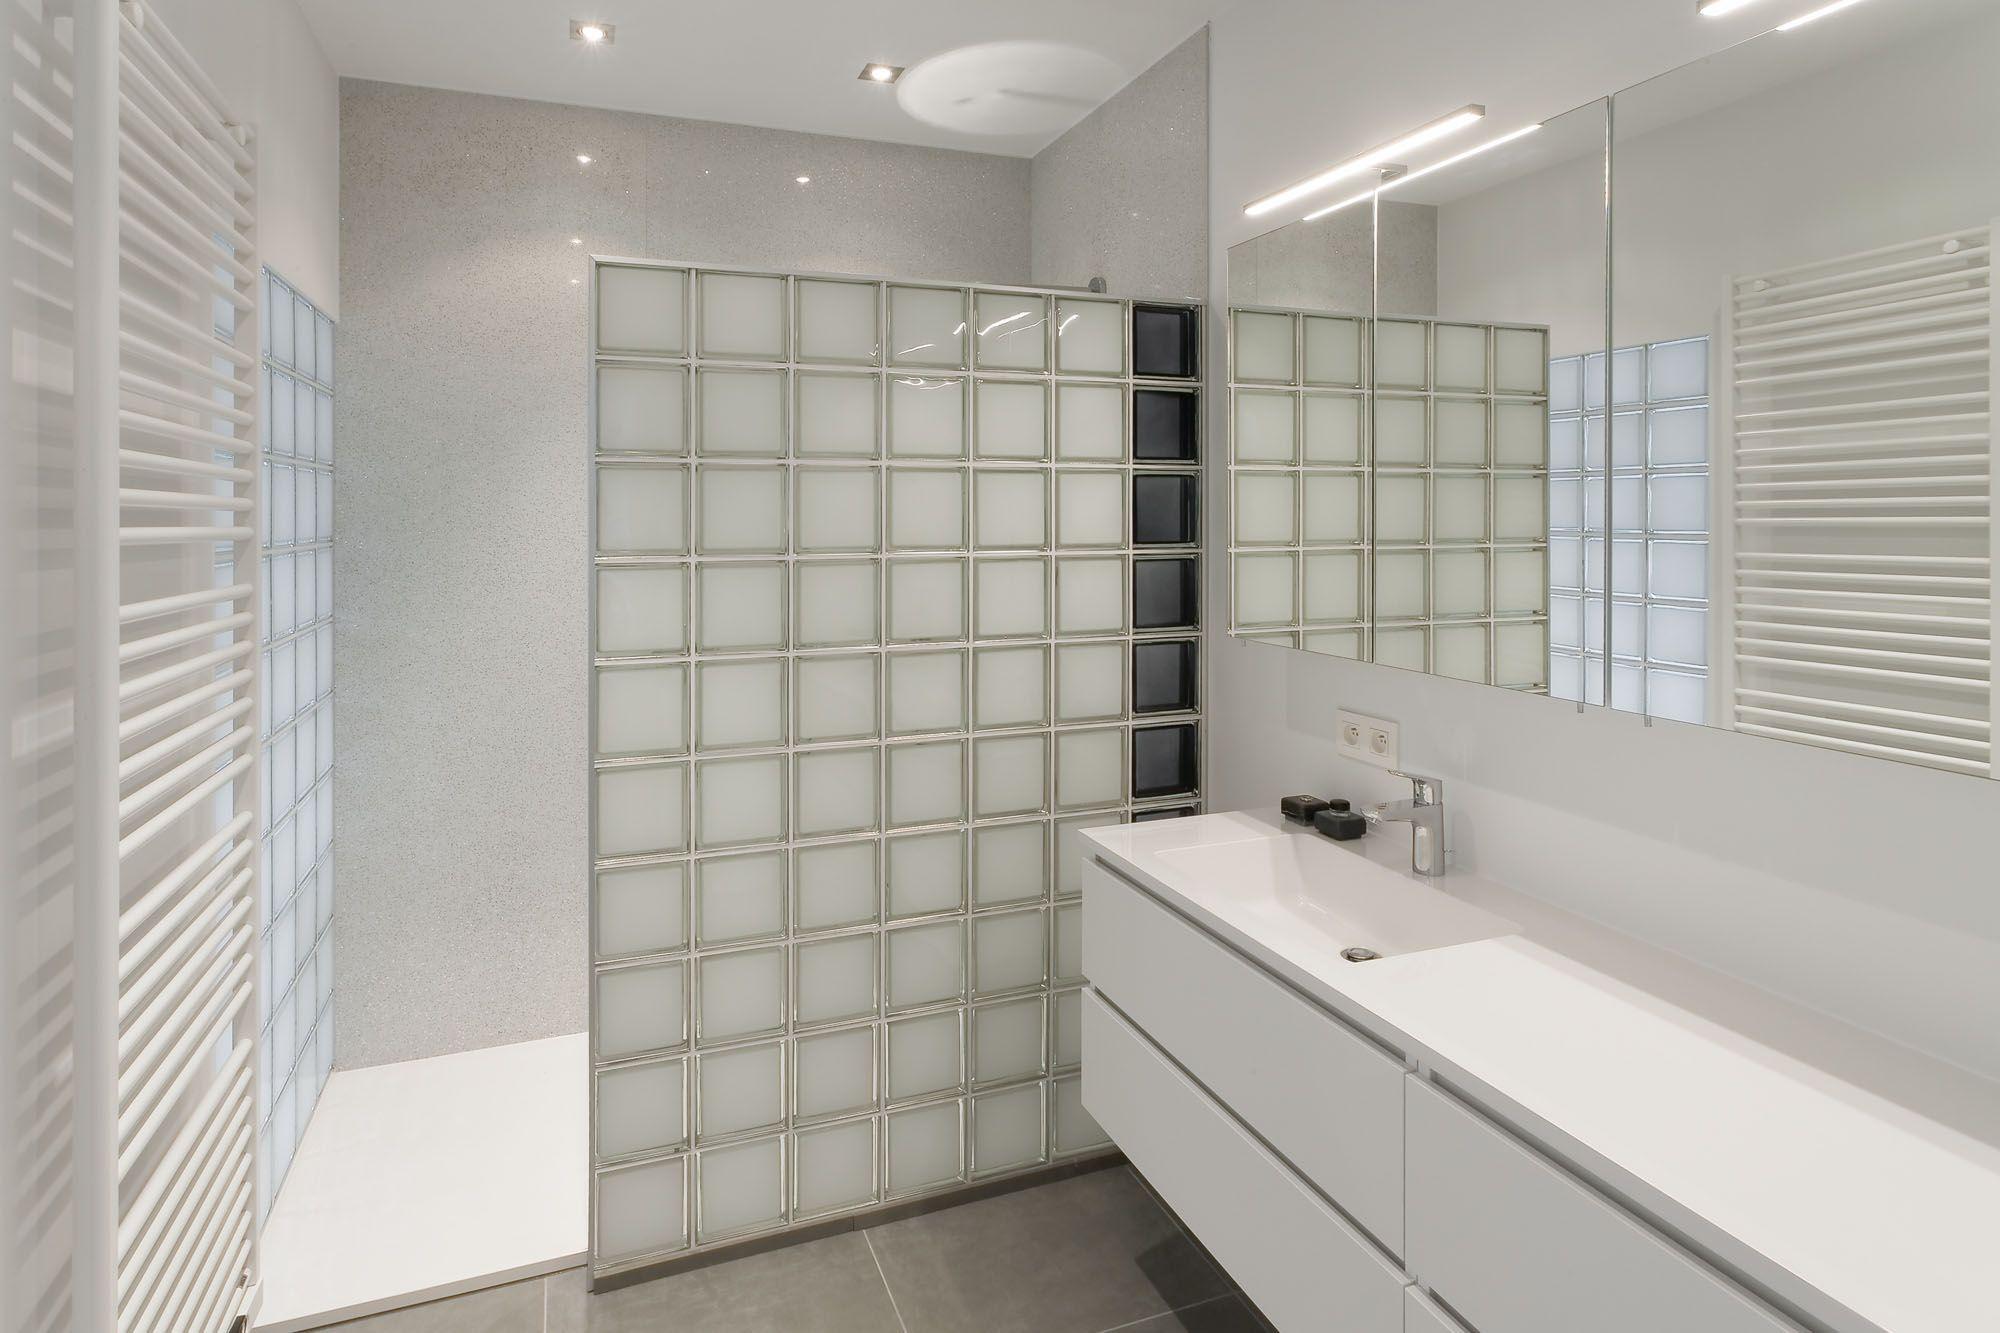 Glasblokken In Badkamer : Plaats zelf een douchewand in glasblokken glazen bouwstenen